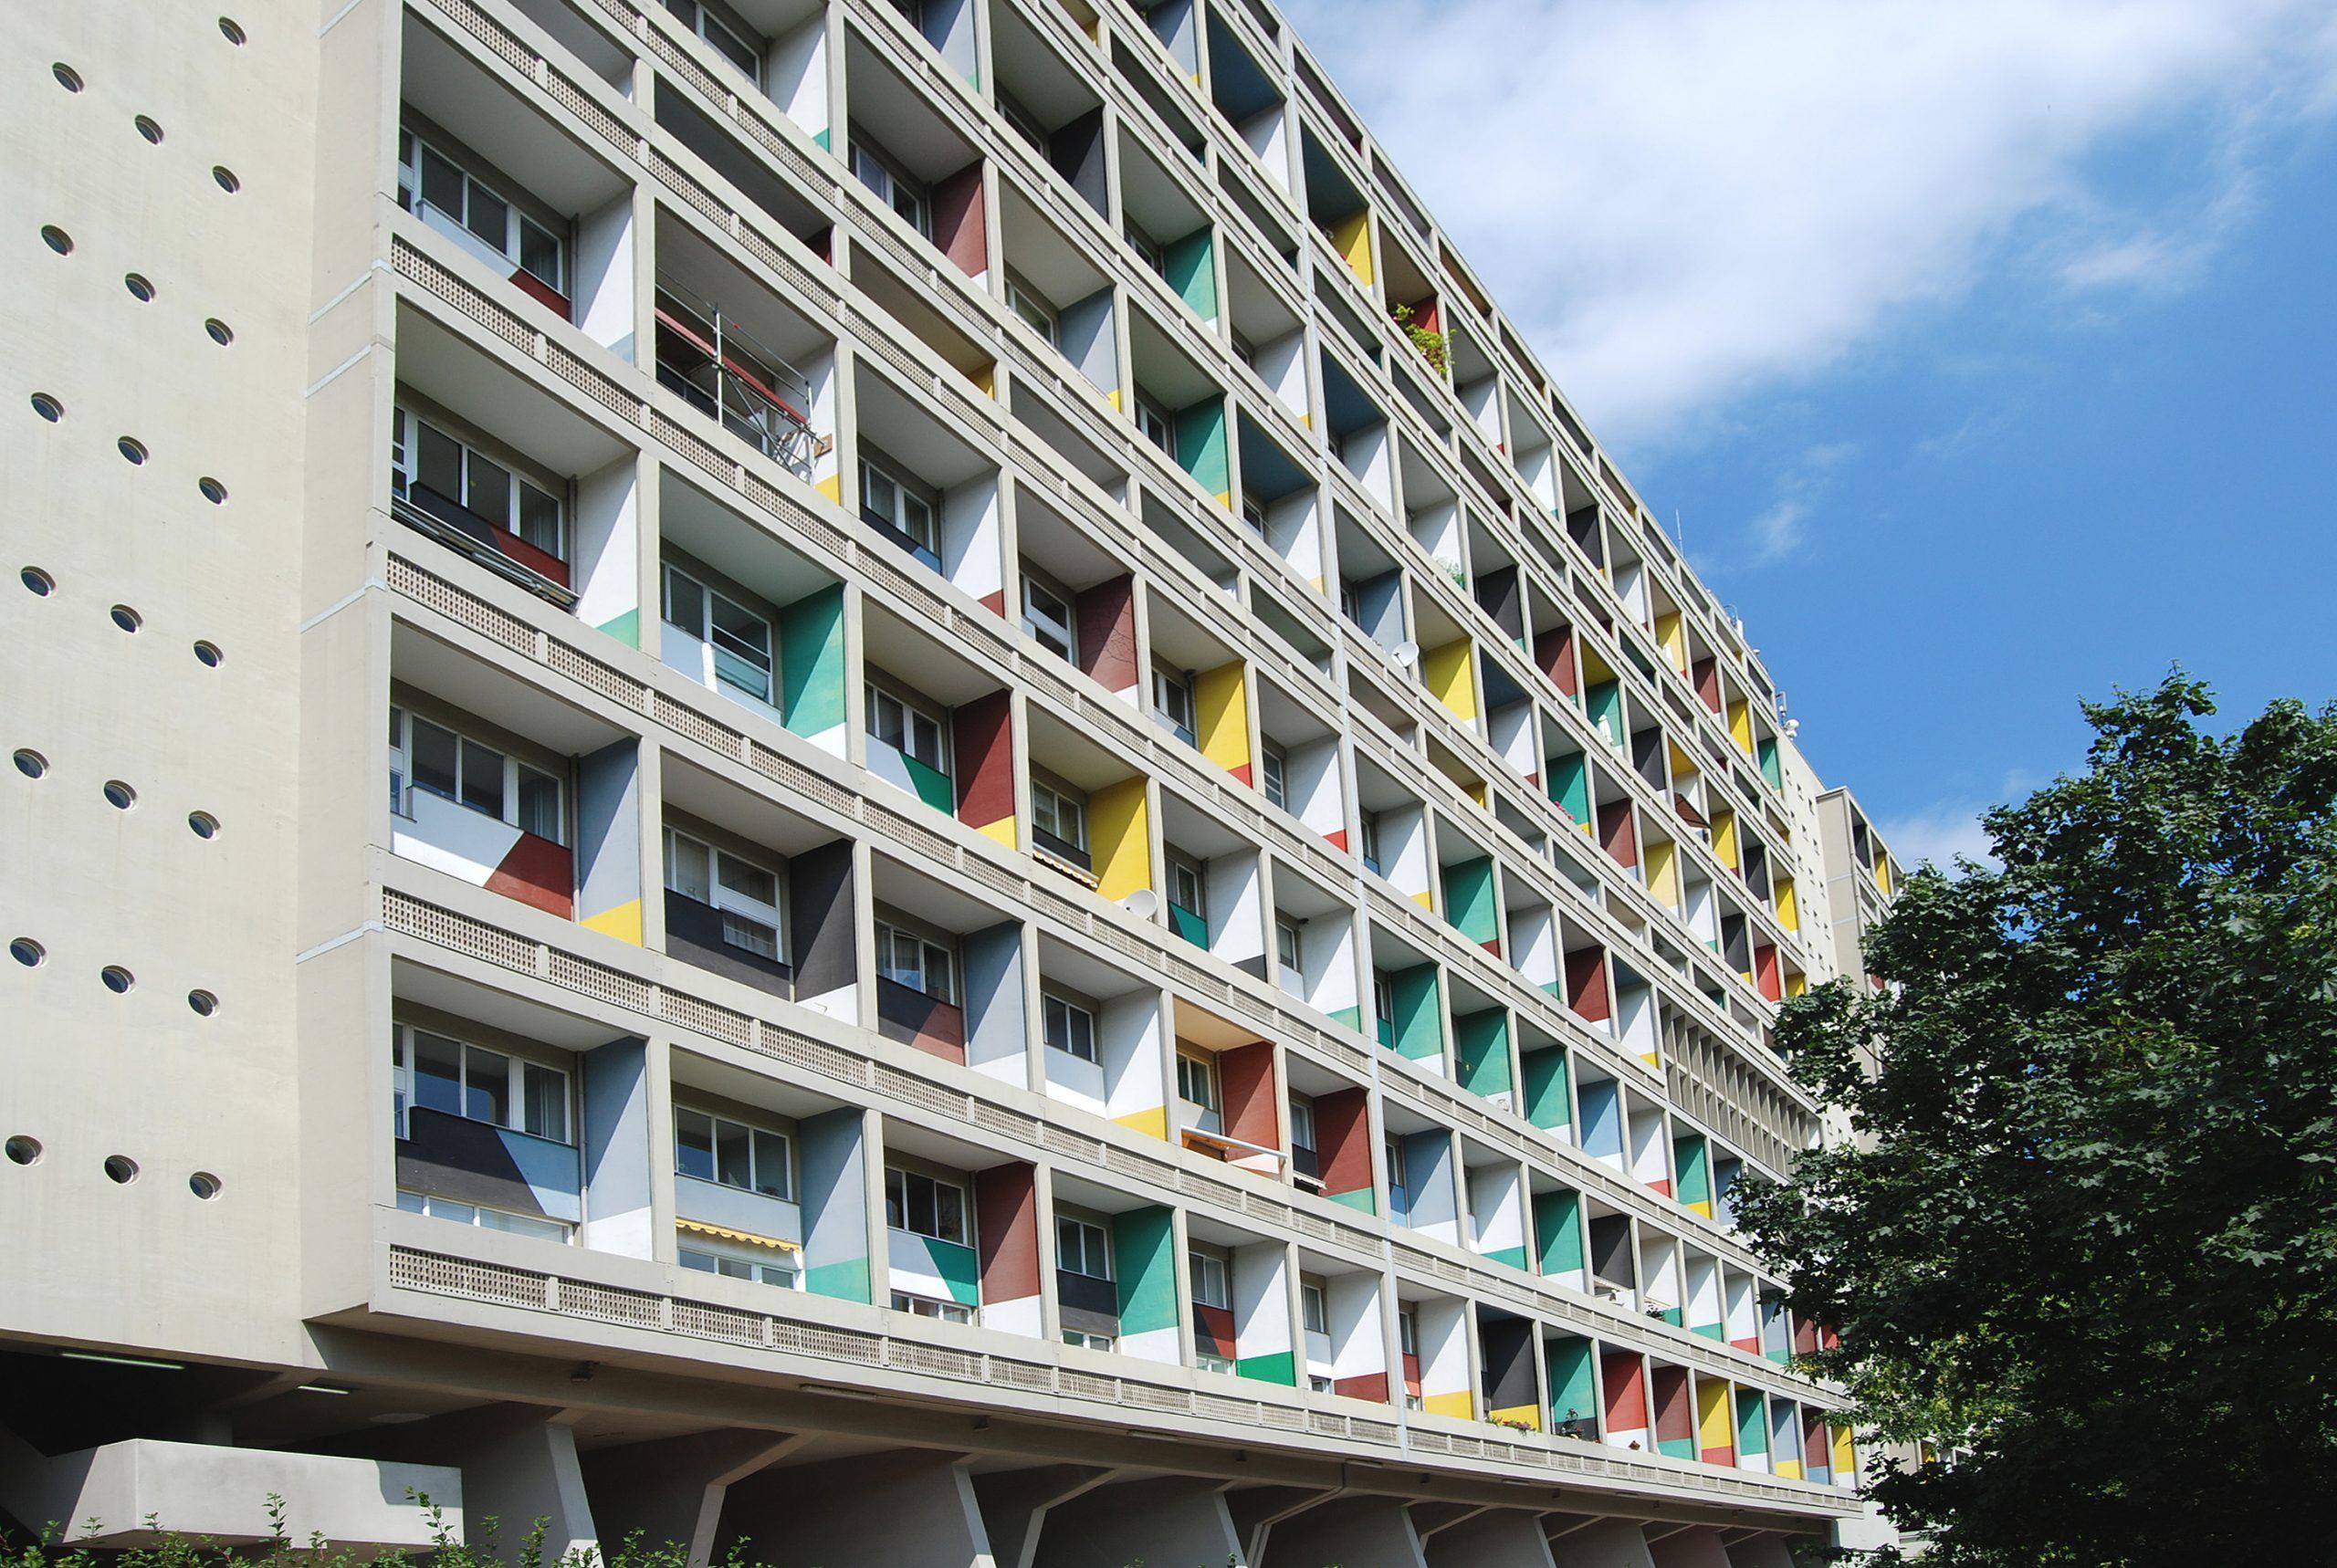 Alles außer gewöhnlich: Das Corbusierhaus